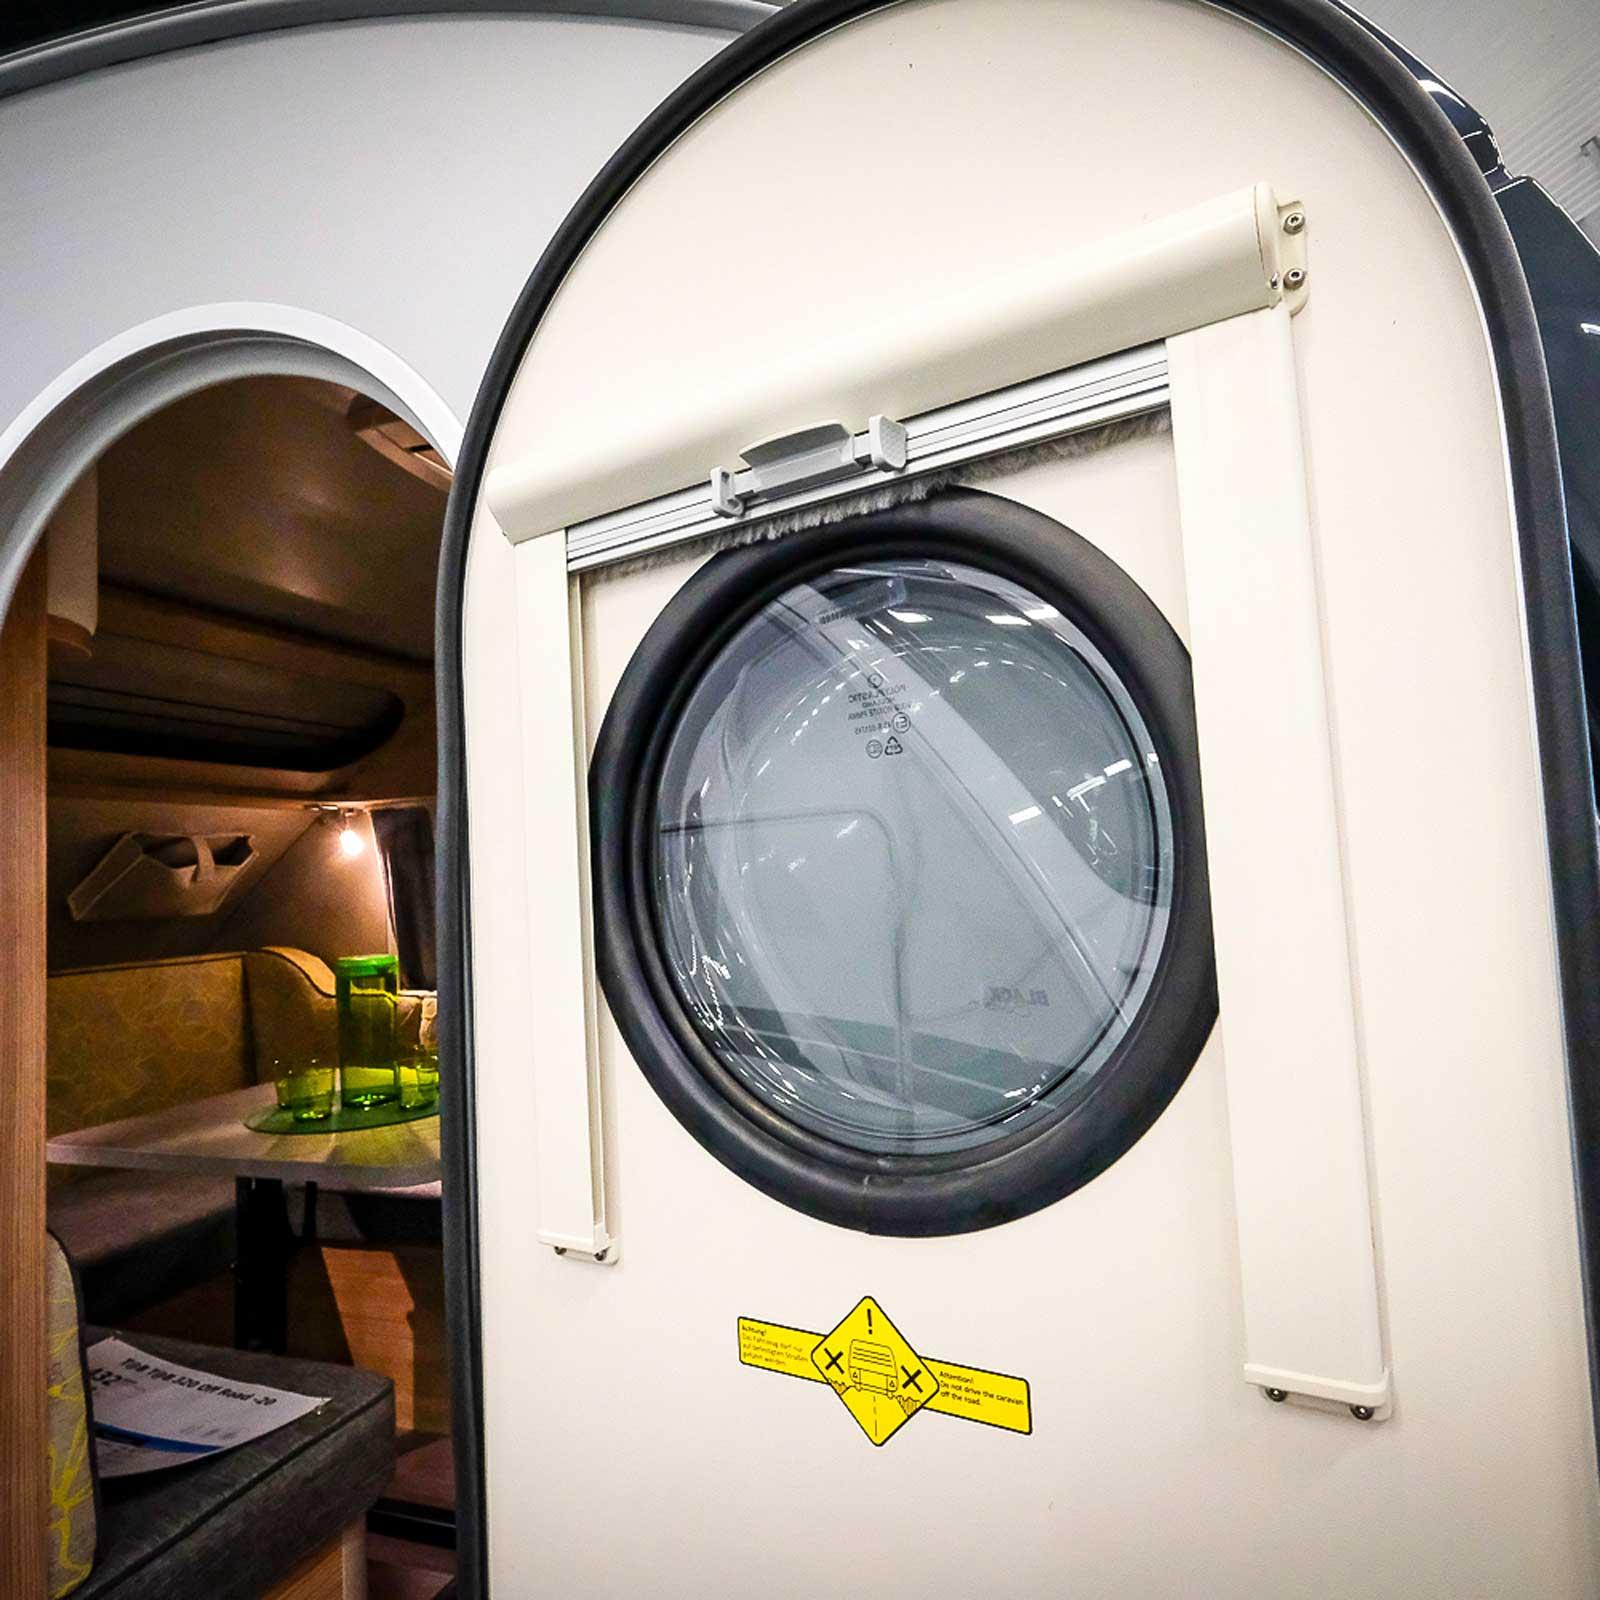 Dörren har ett litet fönster och som tillval finns myggnätsdörr.